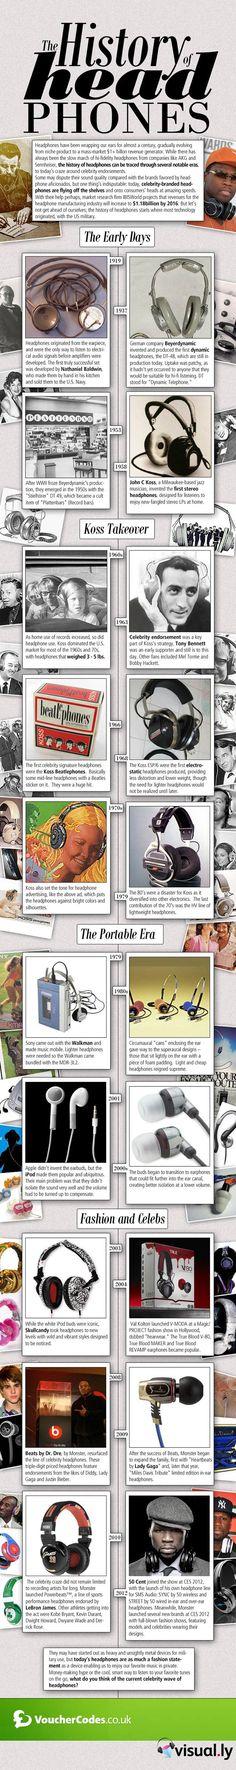 Infografía de los auriculares (No tiene que ver con social media, pero es una buena infografía)